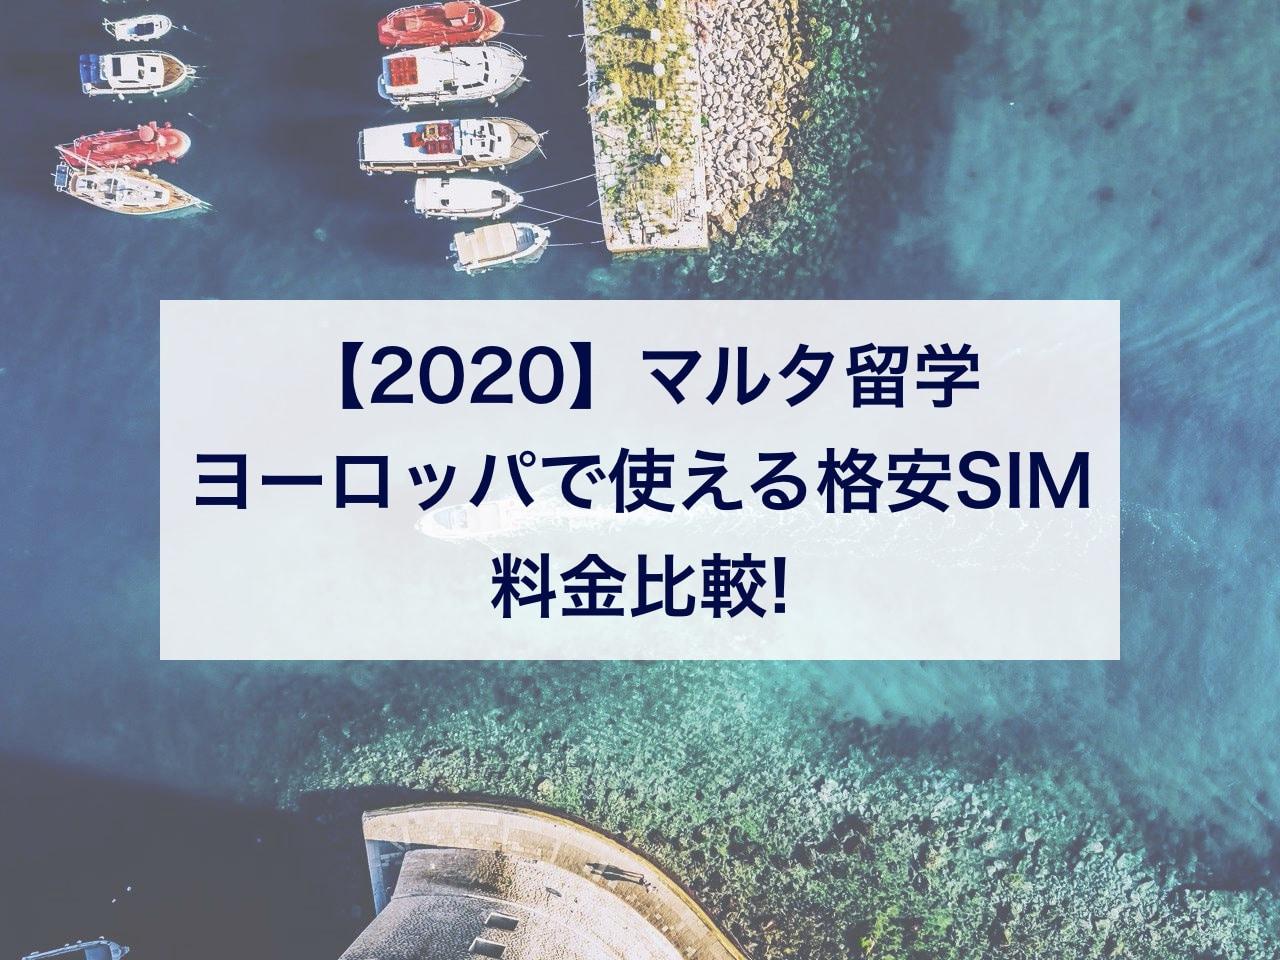 2020_05 minimal traveler, eyecatch, sim